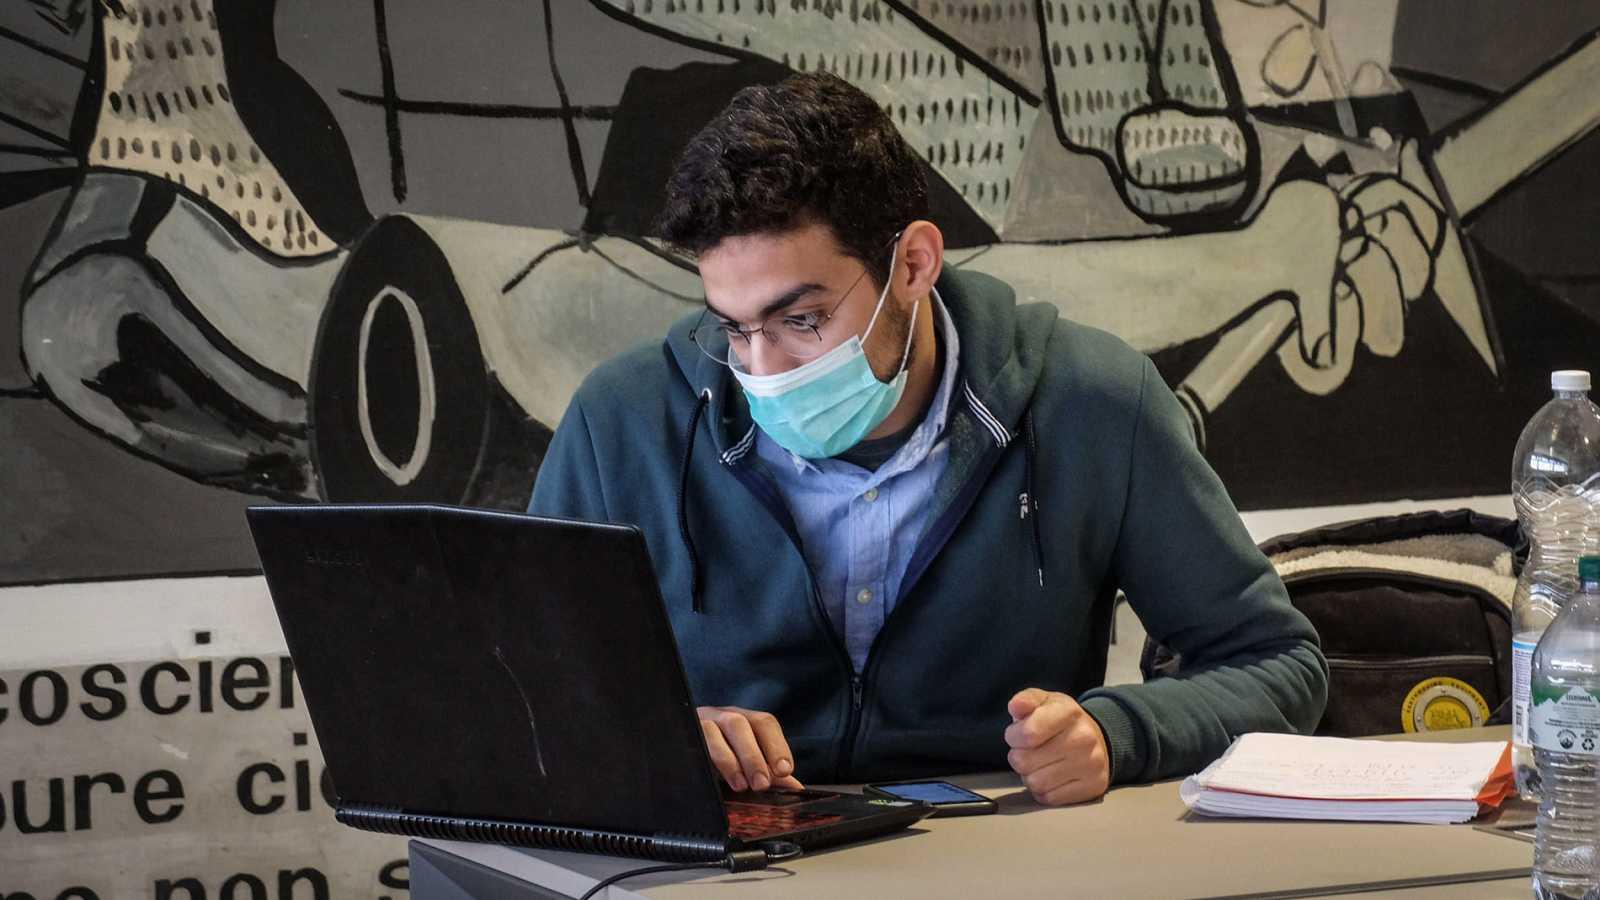 Un estudiante de la Universidad Politécnica de Milán se protege con mascarilla mientras estudia